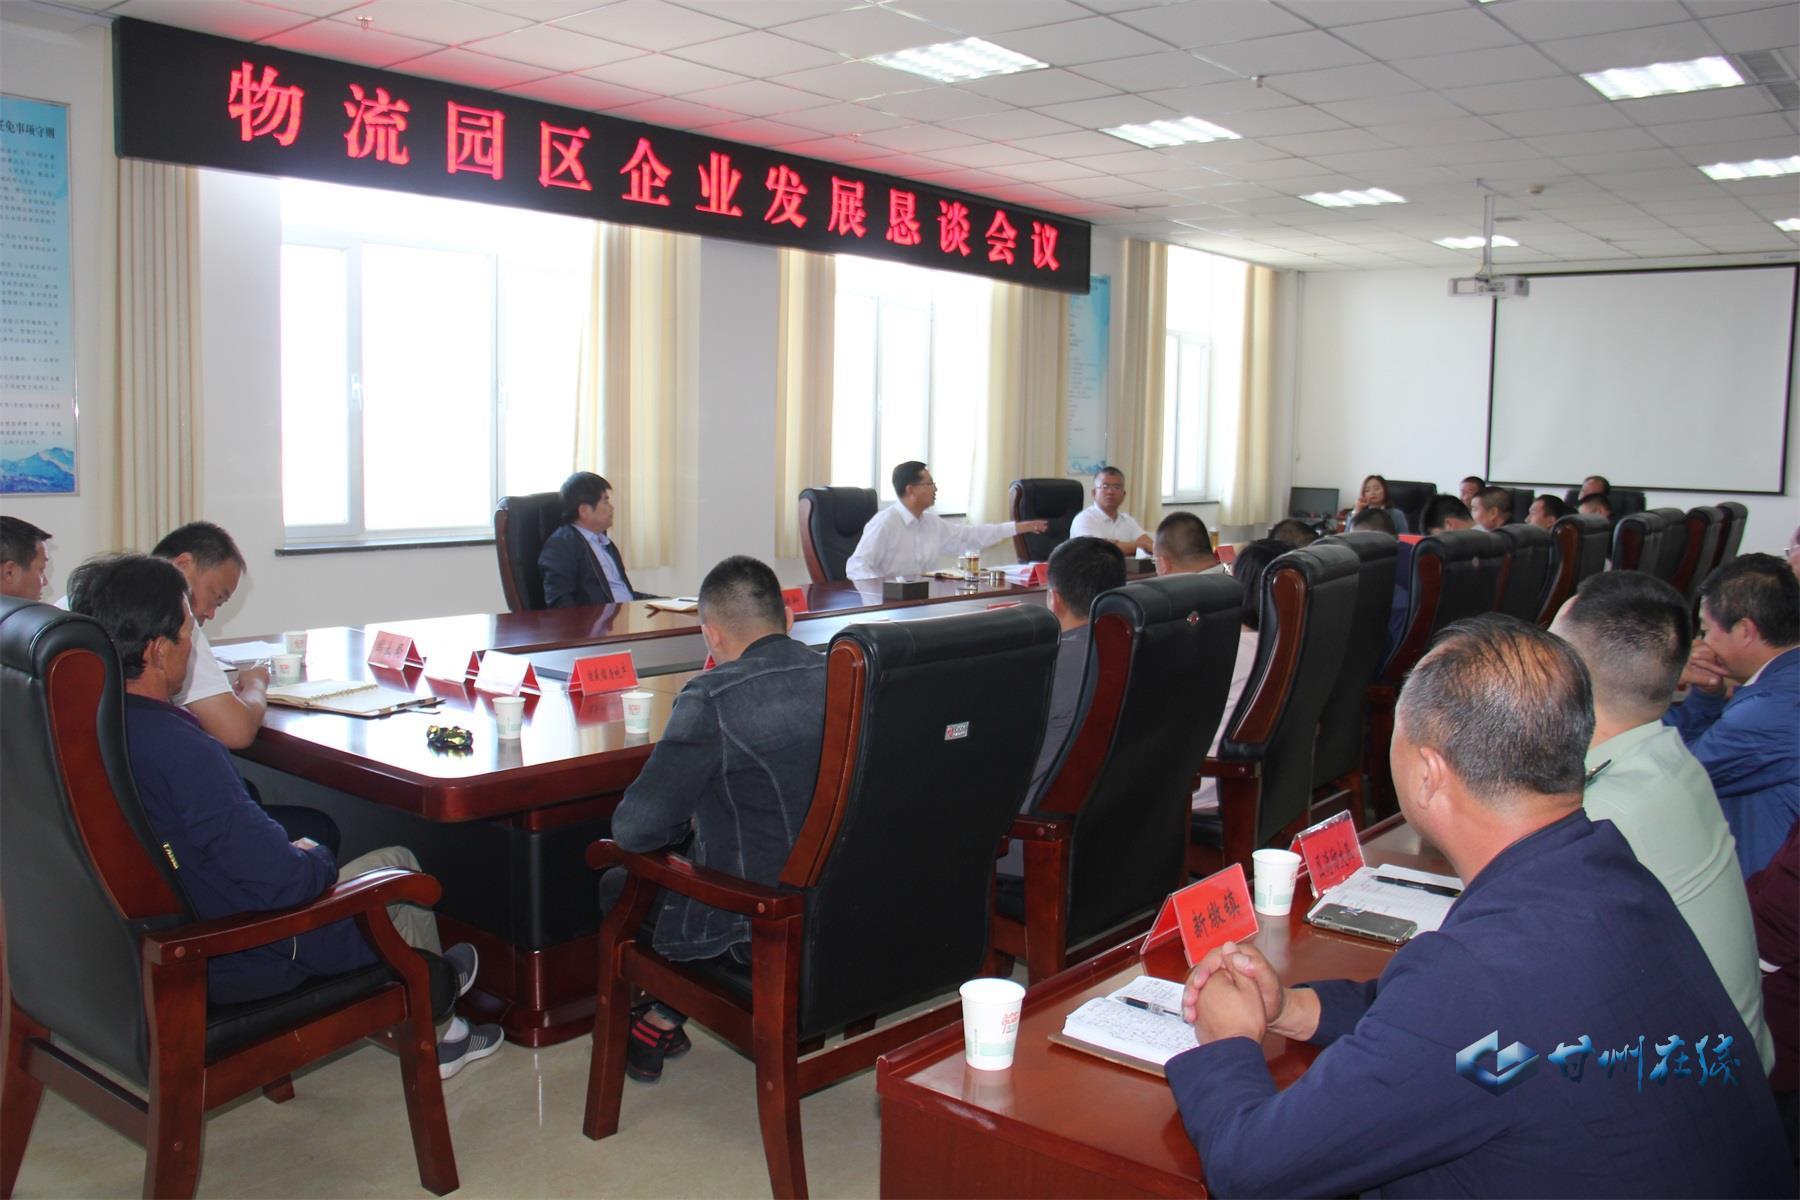 甘州区召开物流园区企业发展恳谈会议